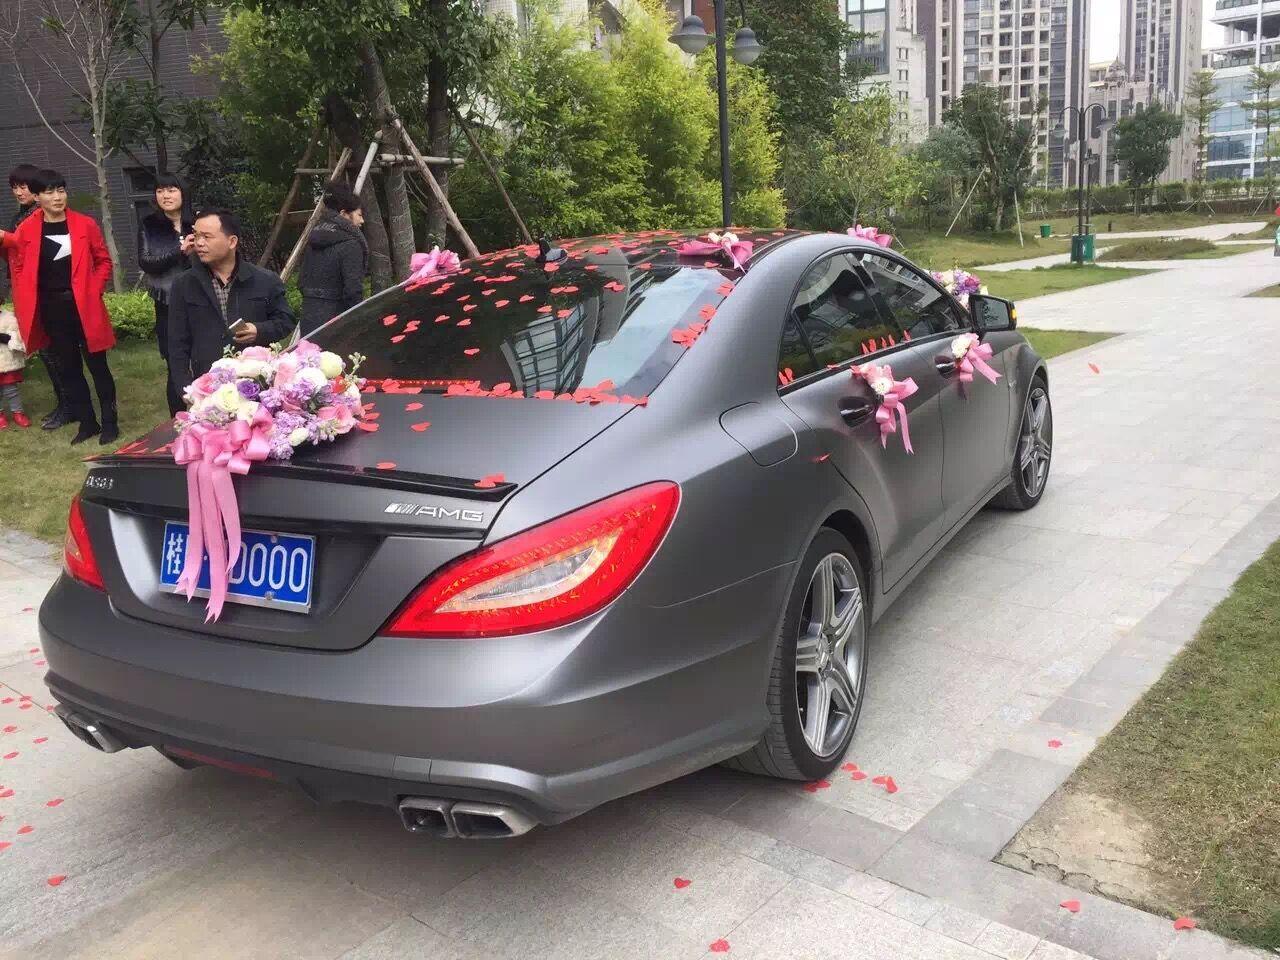 16奔驰gls   3台保时捷帕纳梅拉 豪华高贵浪漫 时尚气派 nnhccl荣誉